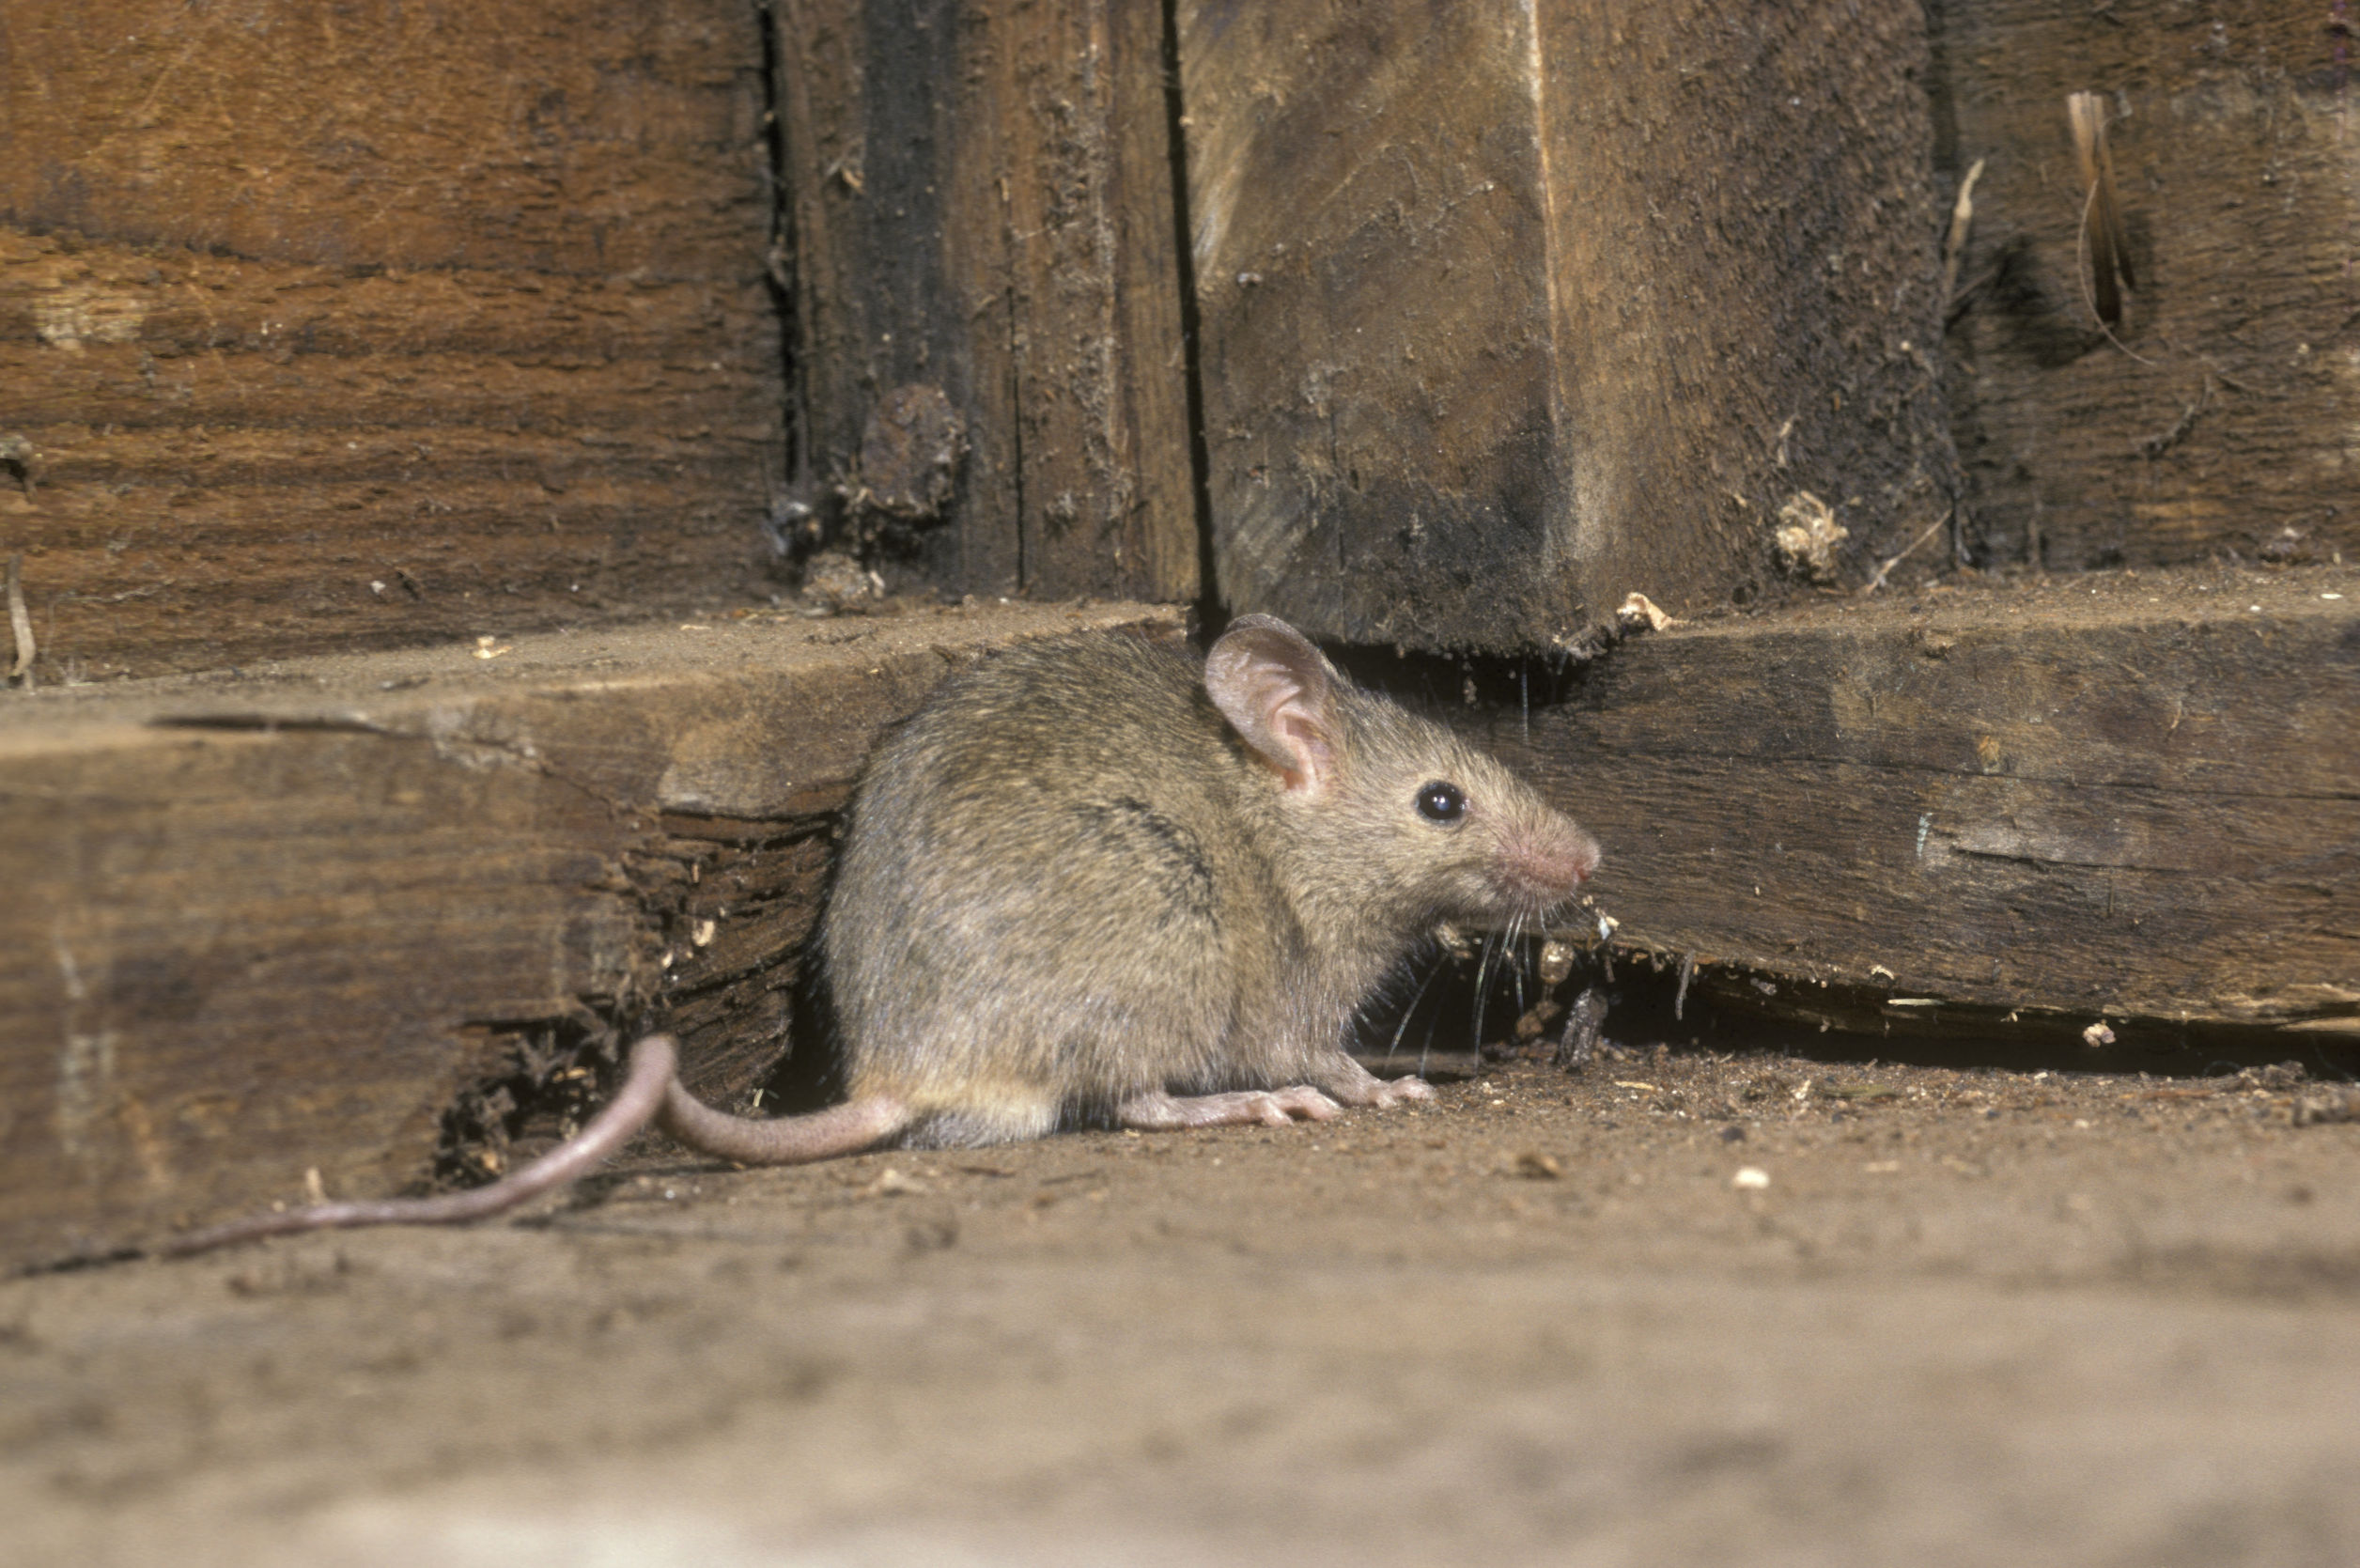 Mäuseschreck: Test & Empfehlungen (11/20)